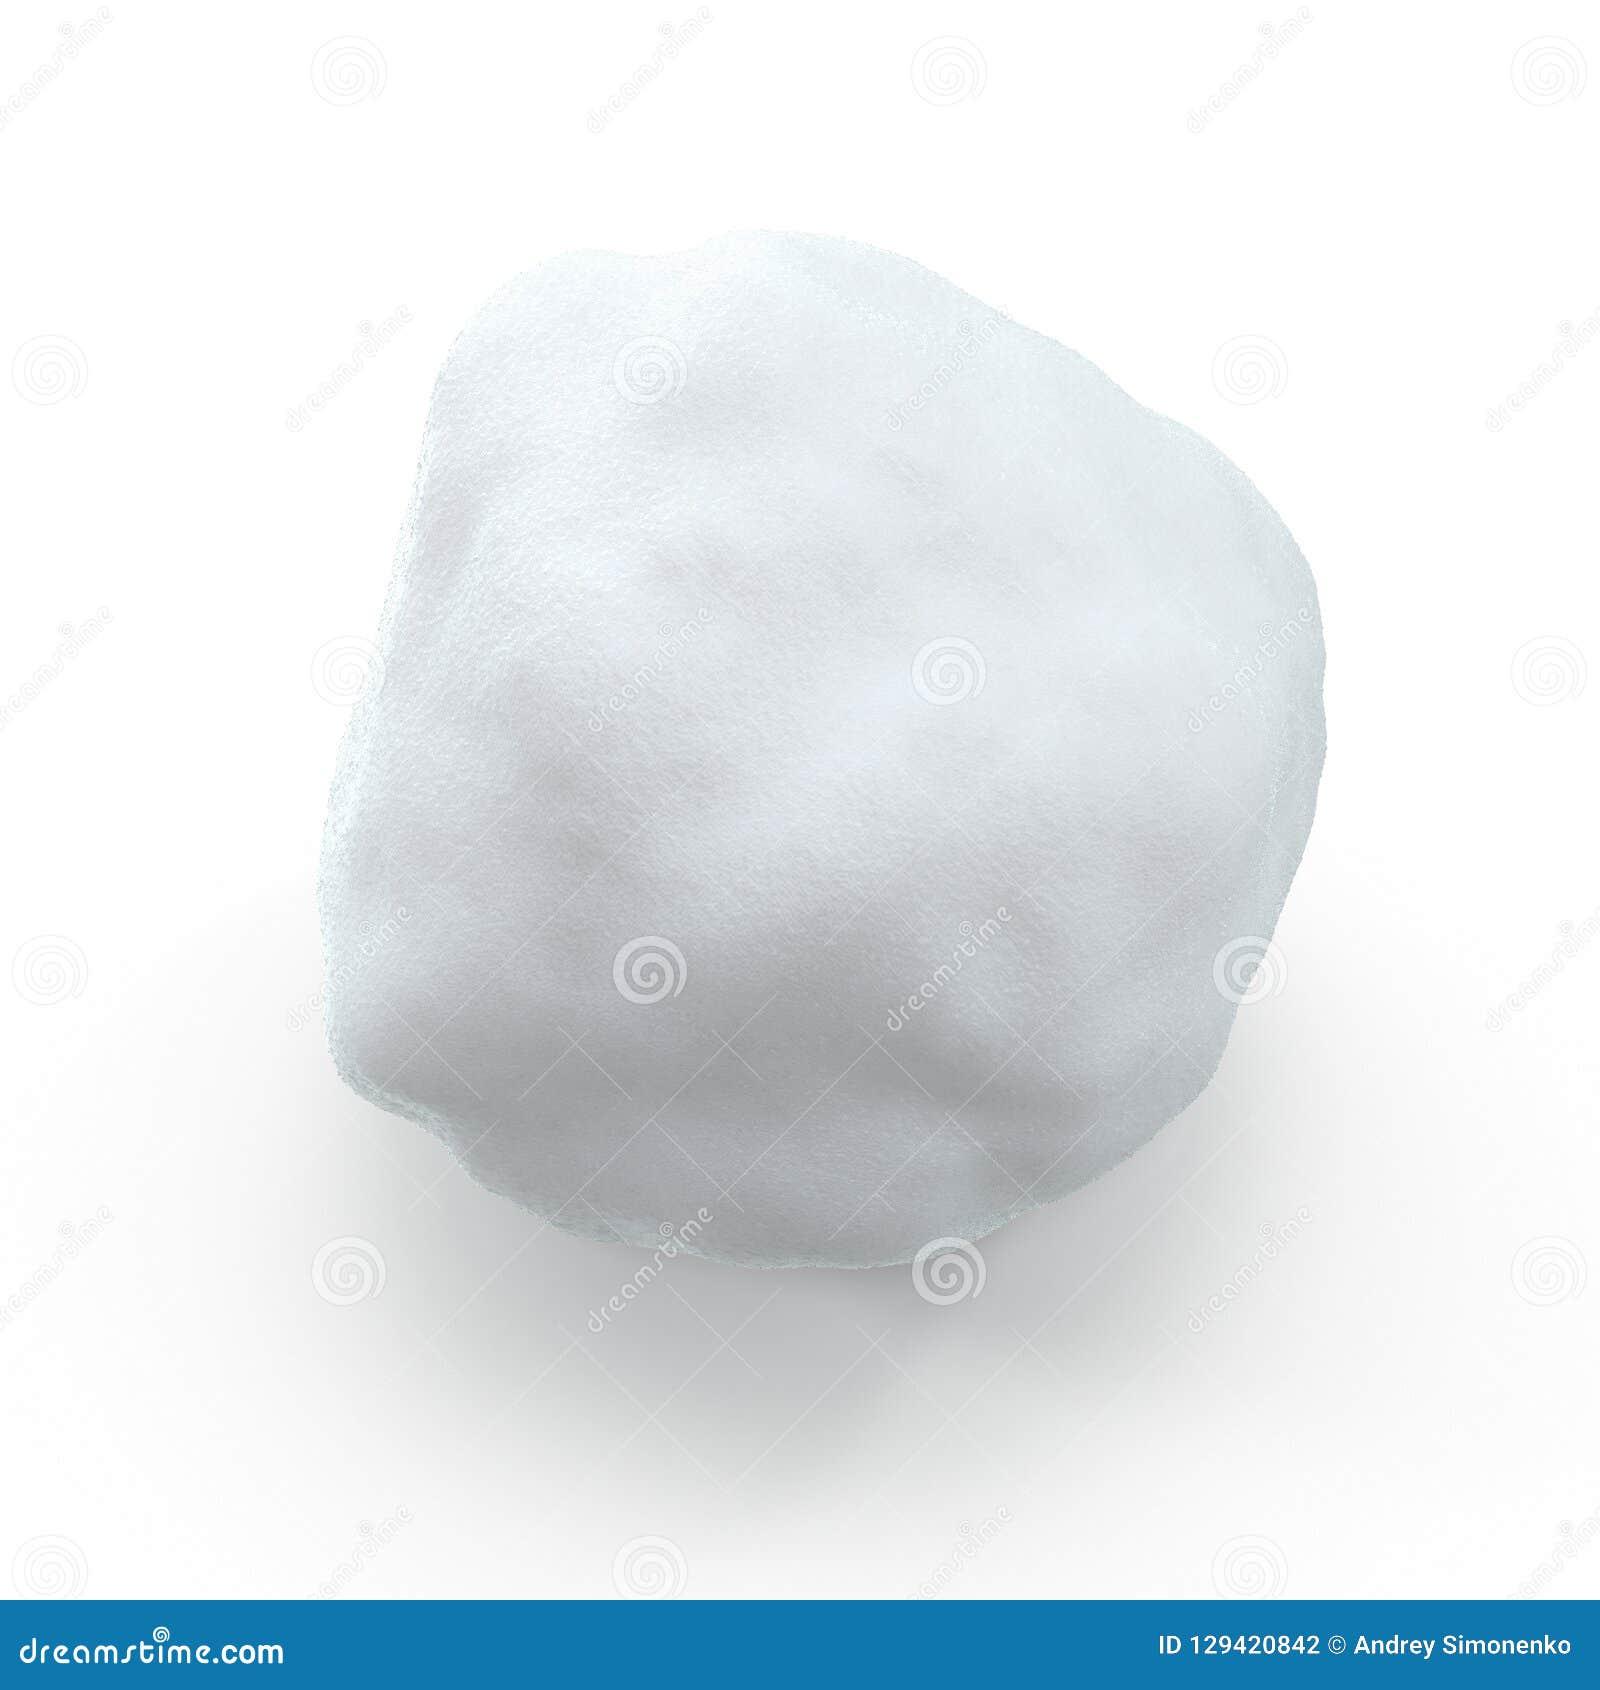 Geïsoleerde Sneeuwbal op Witte Achtergrond 3D Illustratie